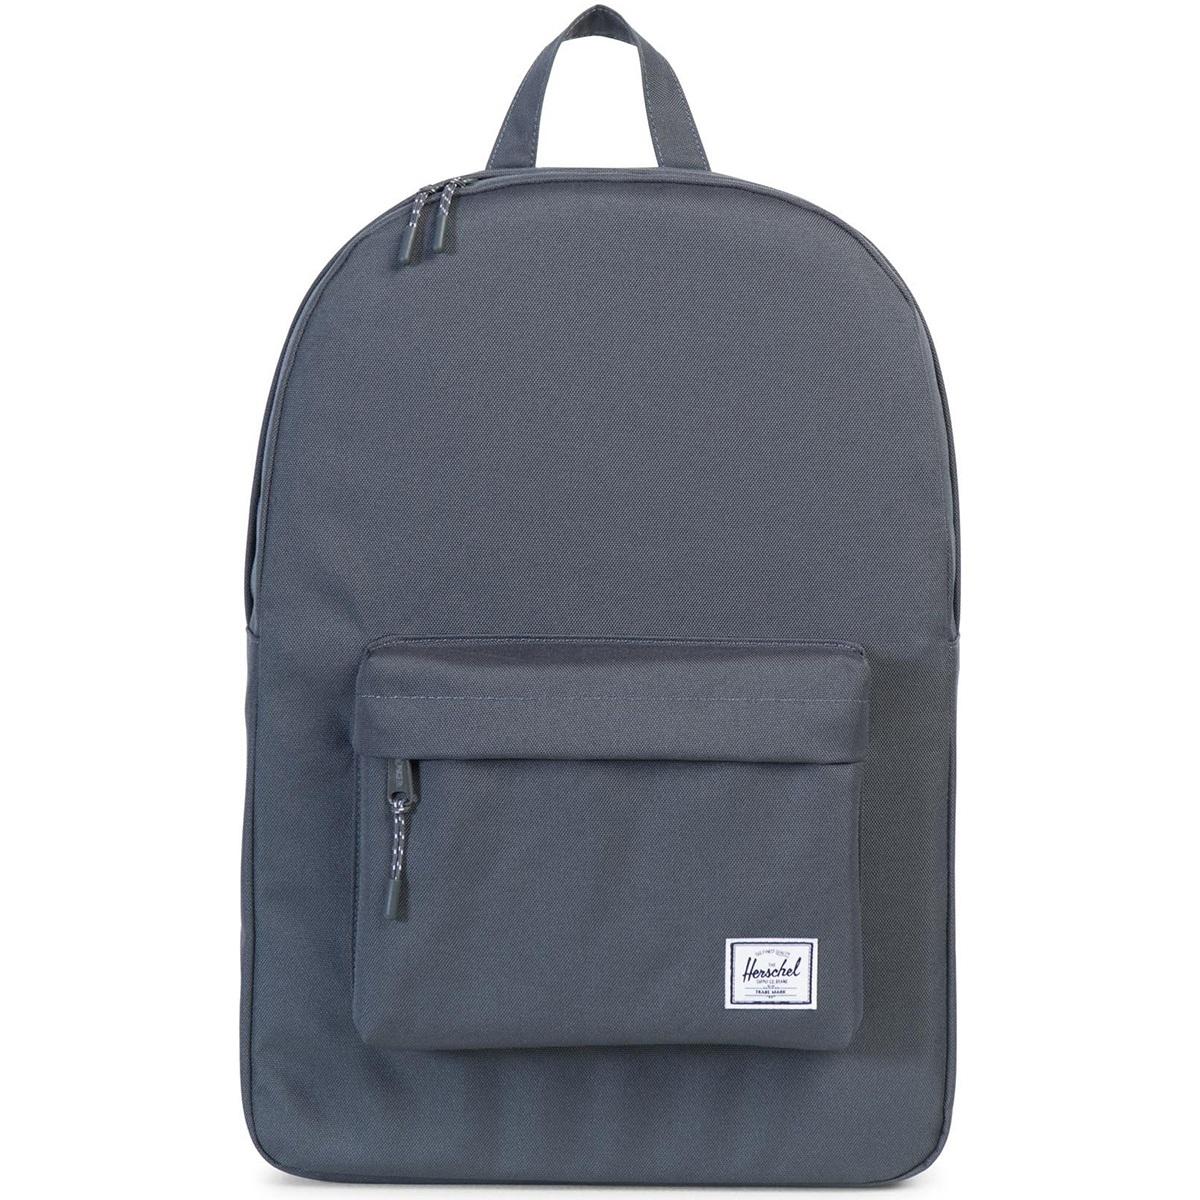 Рюкзак городской Herschel Classic (A/S), цвет: черный. 828432004973828432004973Рюкзак Herschel Classic целиком и полностью оправдывает свое название, выражая совершенство в лаконичных и идеальных линиях. Этот рюкзак создан для любых целей и поездок и отлично впишется в абсолютно любой стиль.